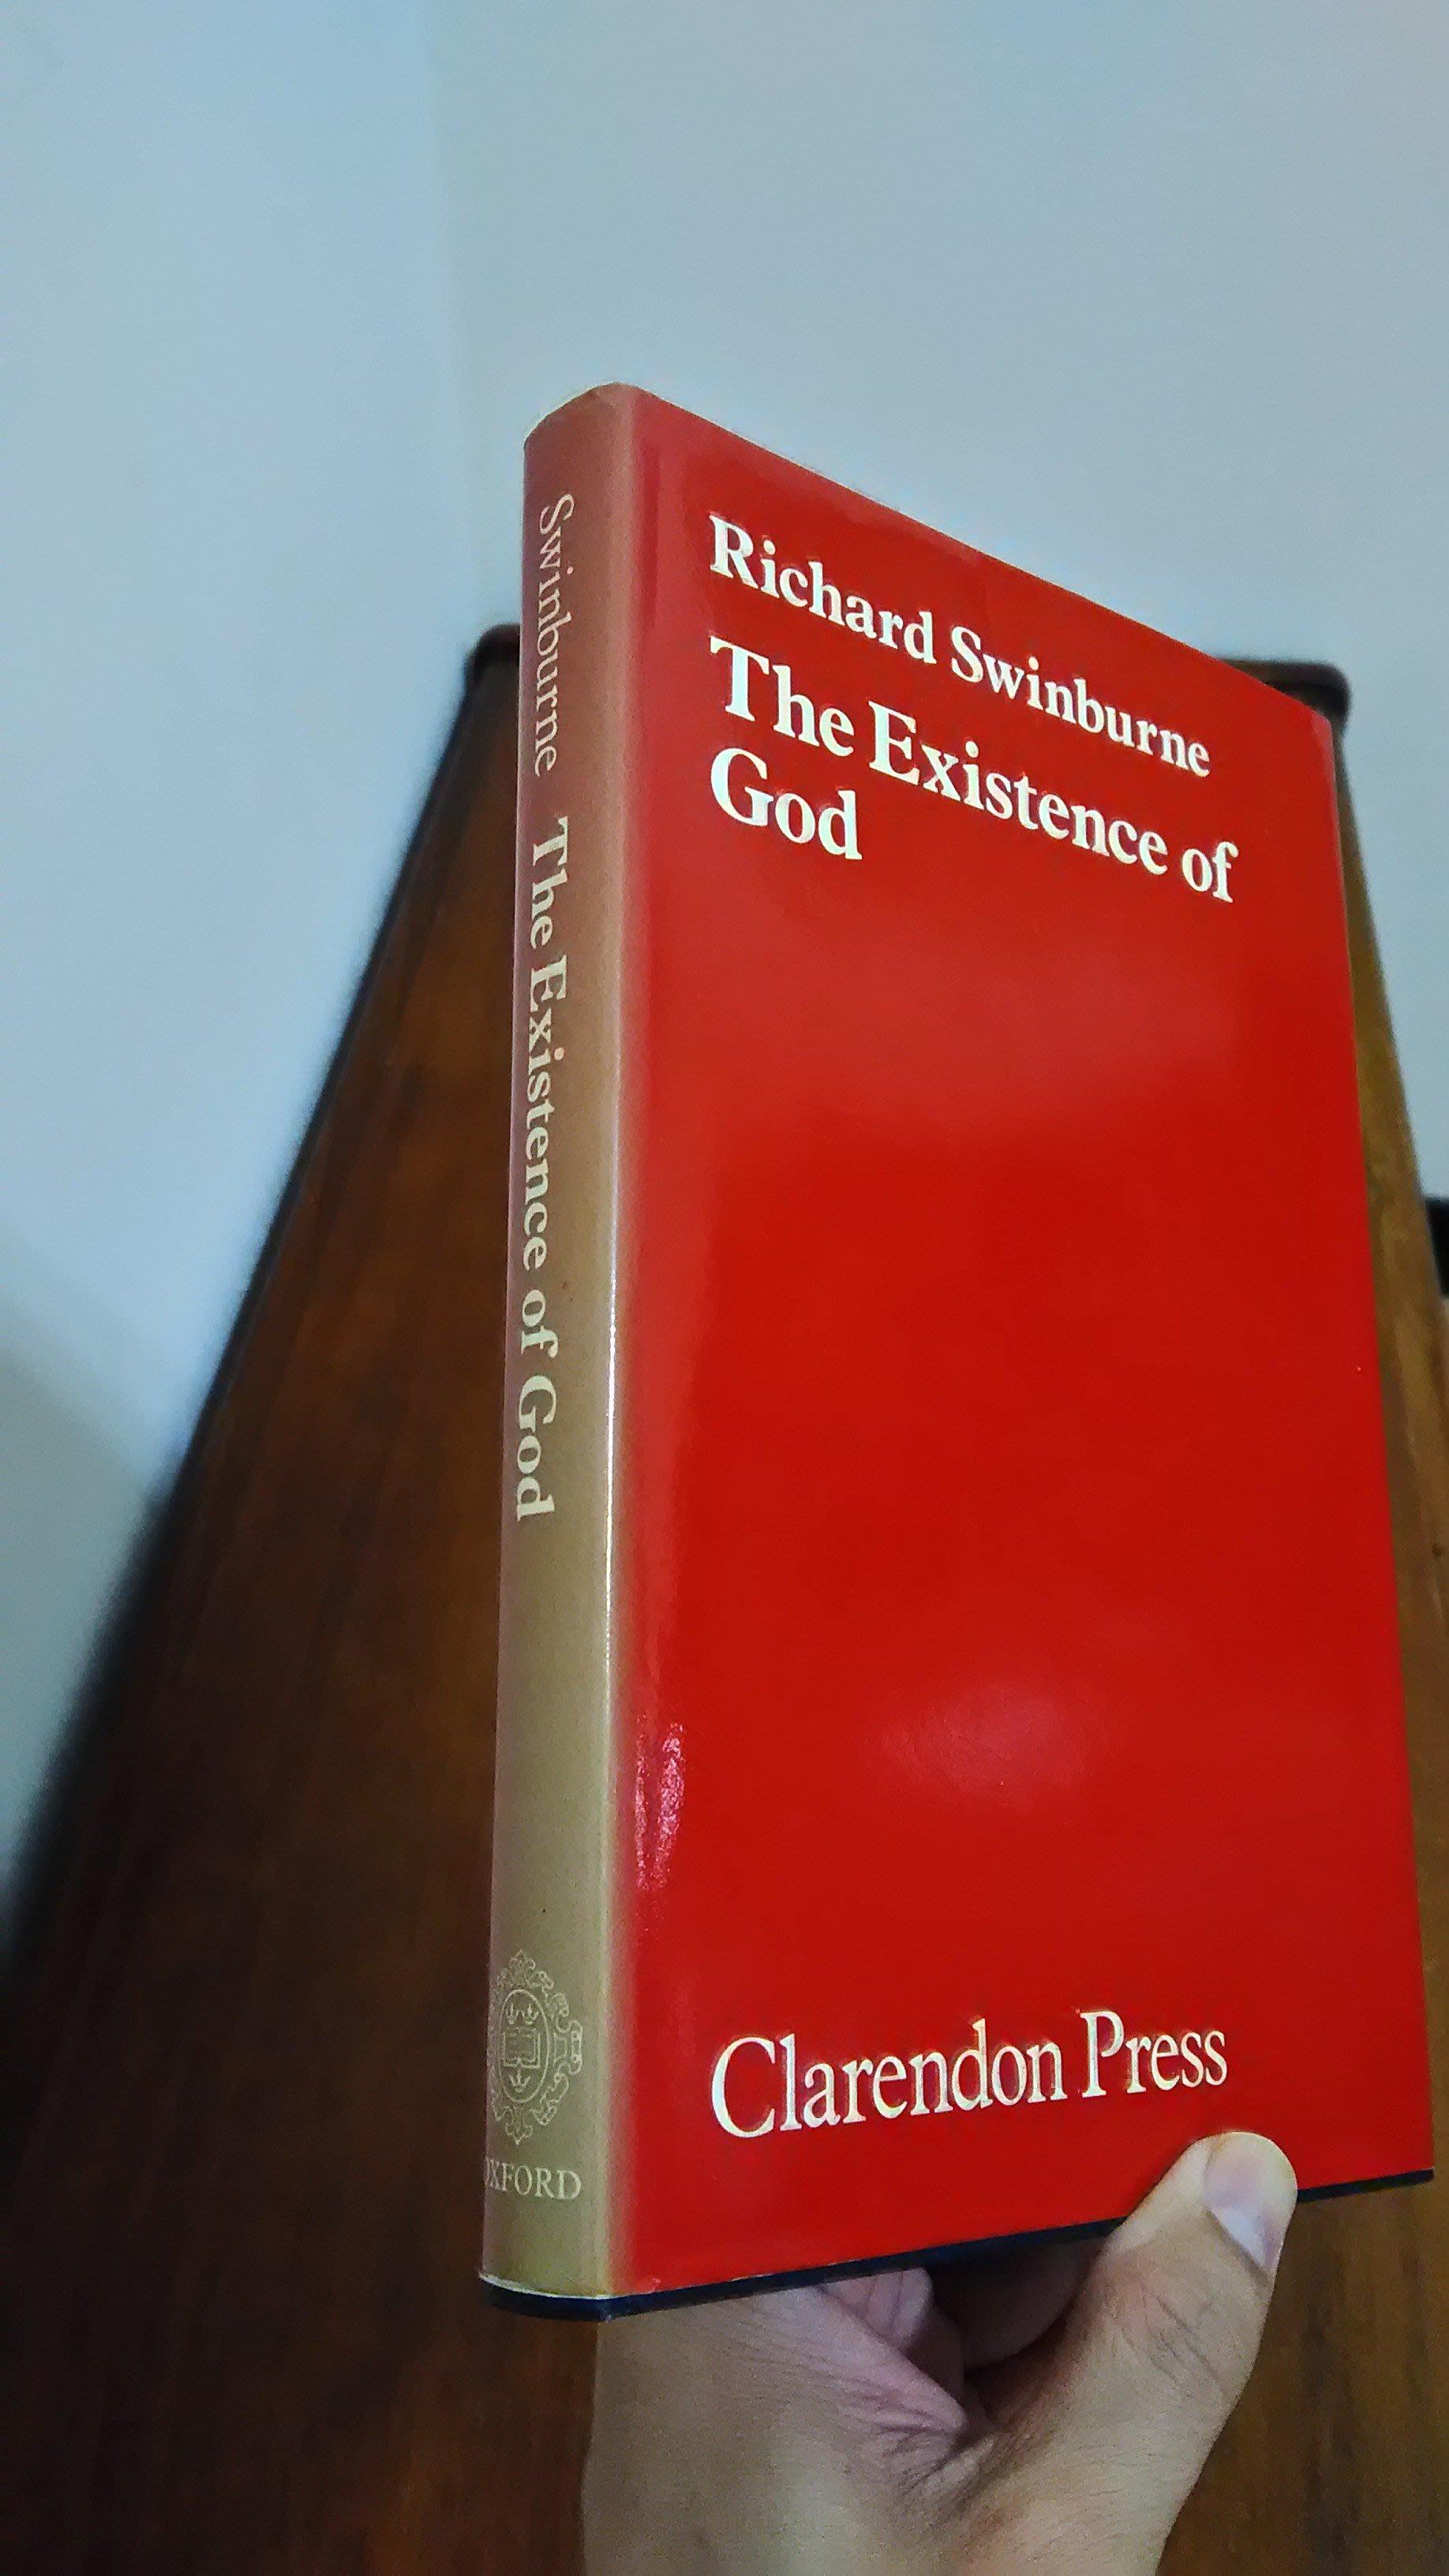 【英文舊書】[宗教] 上帝存在否 Existence of God, Richard Swinburne